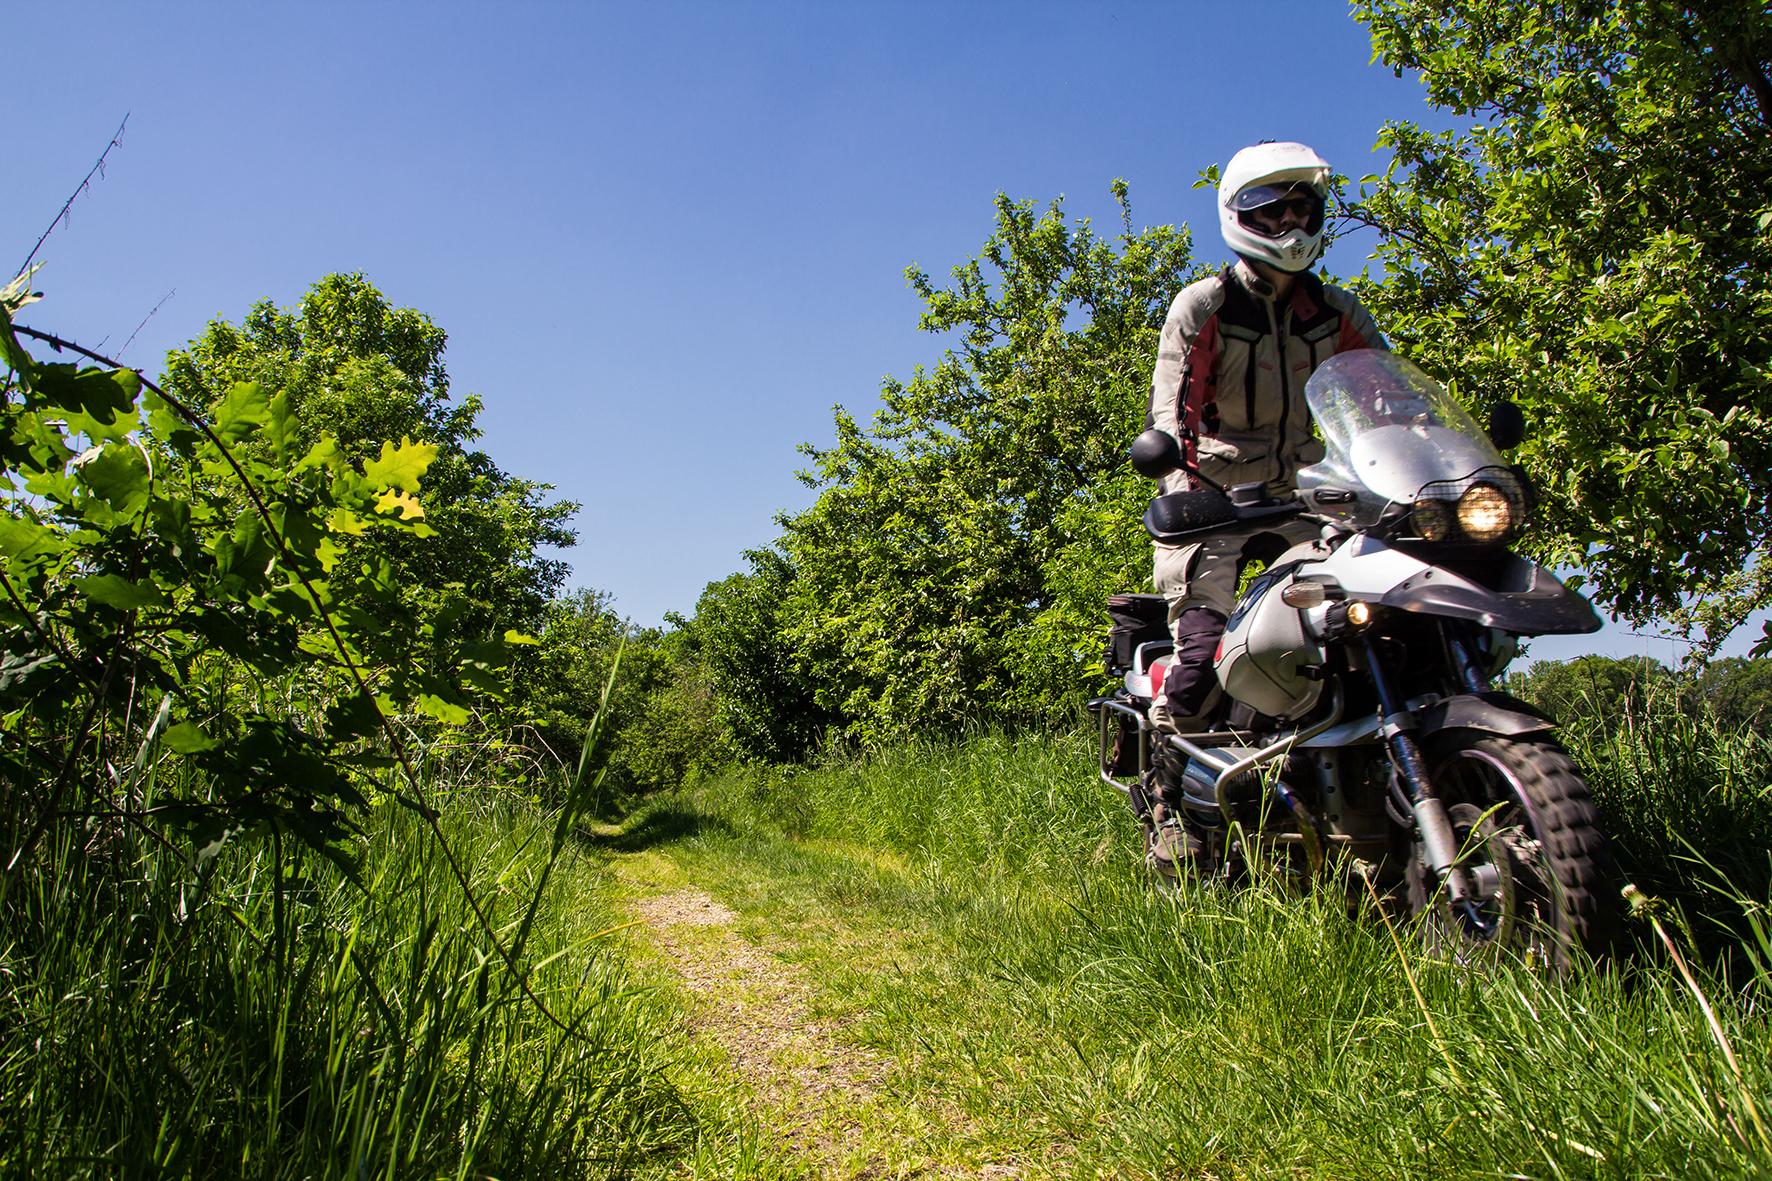 Motorrad Auf Einem Waldweg